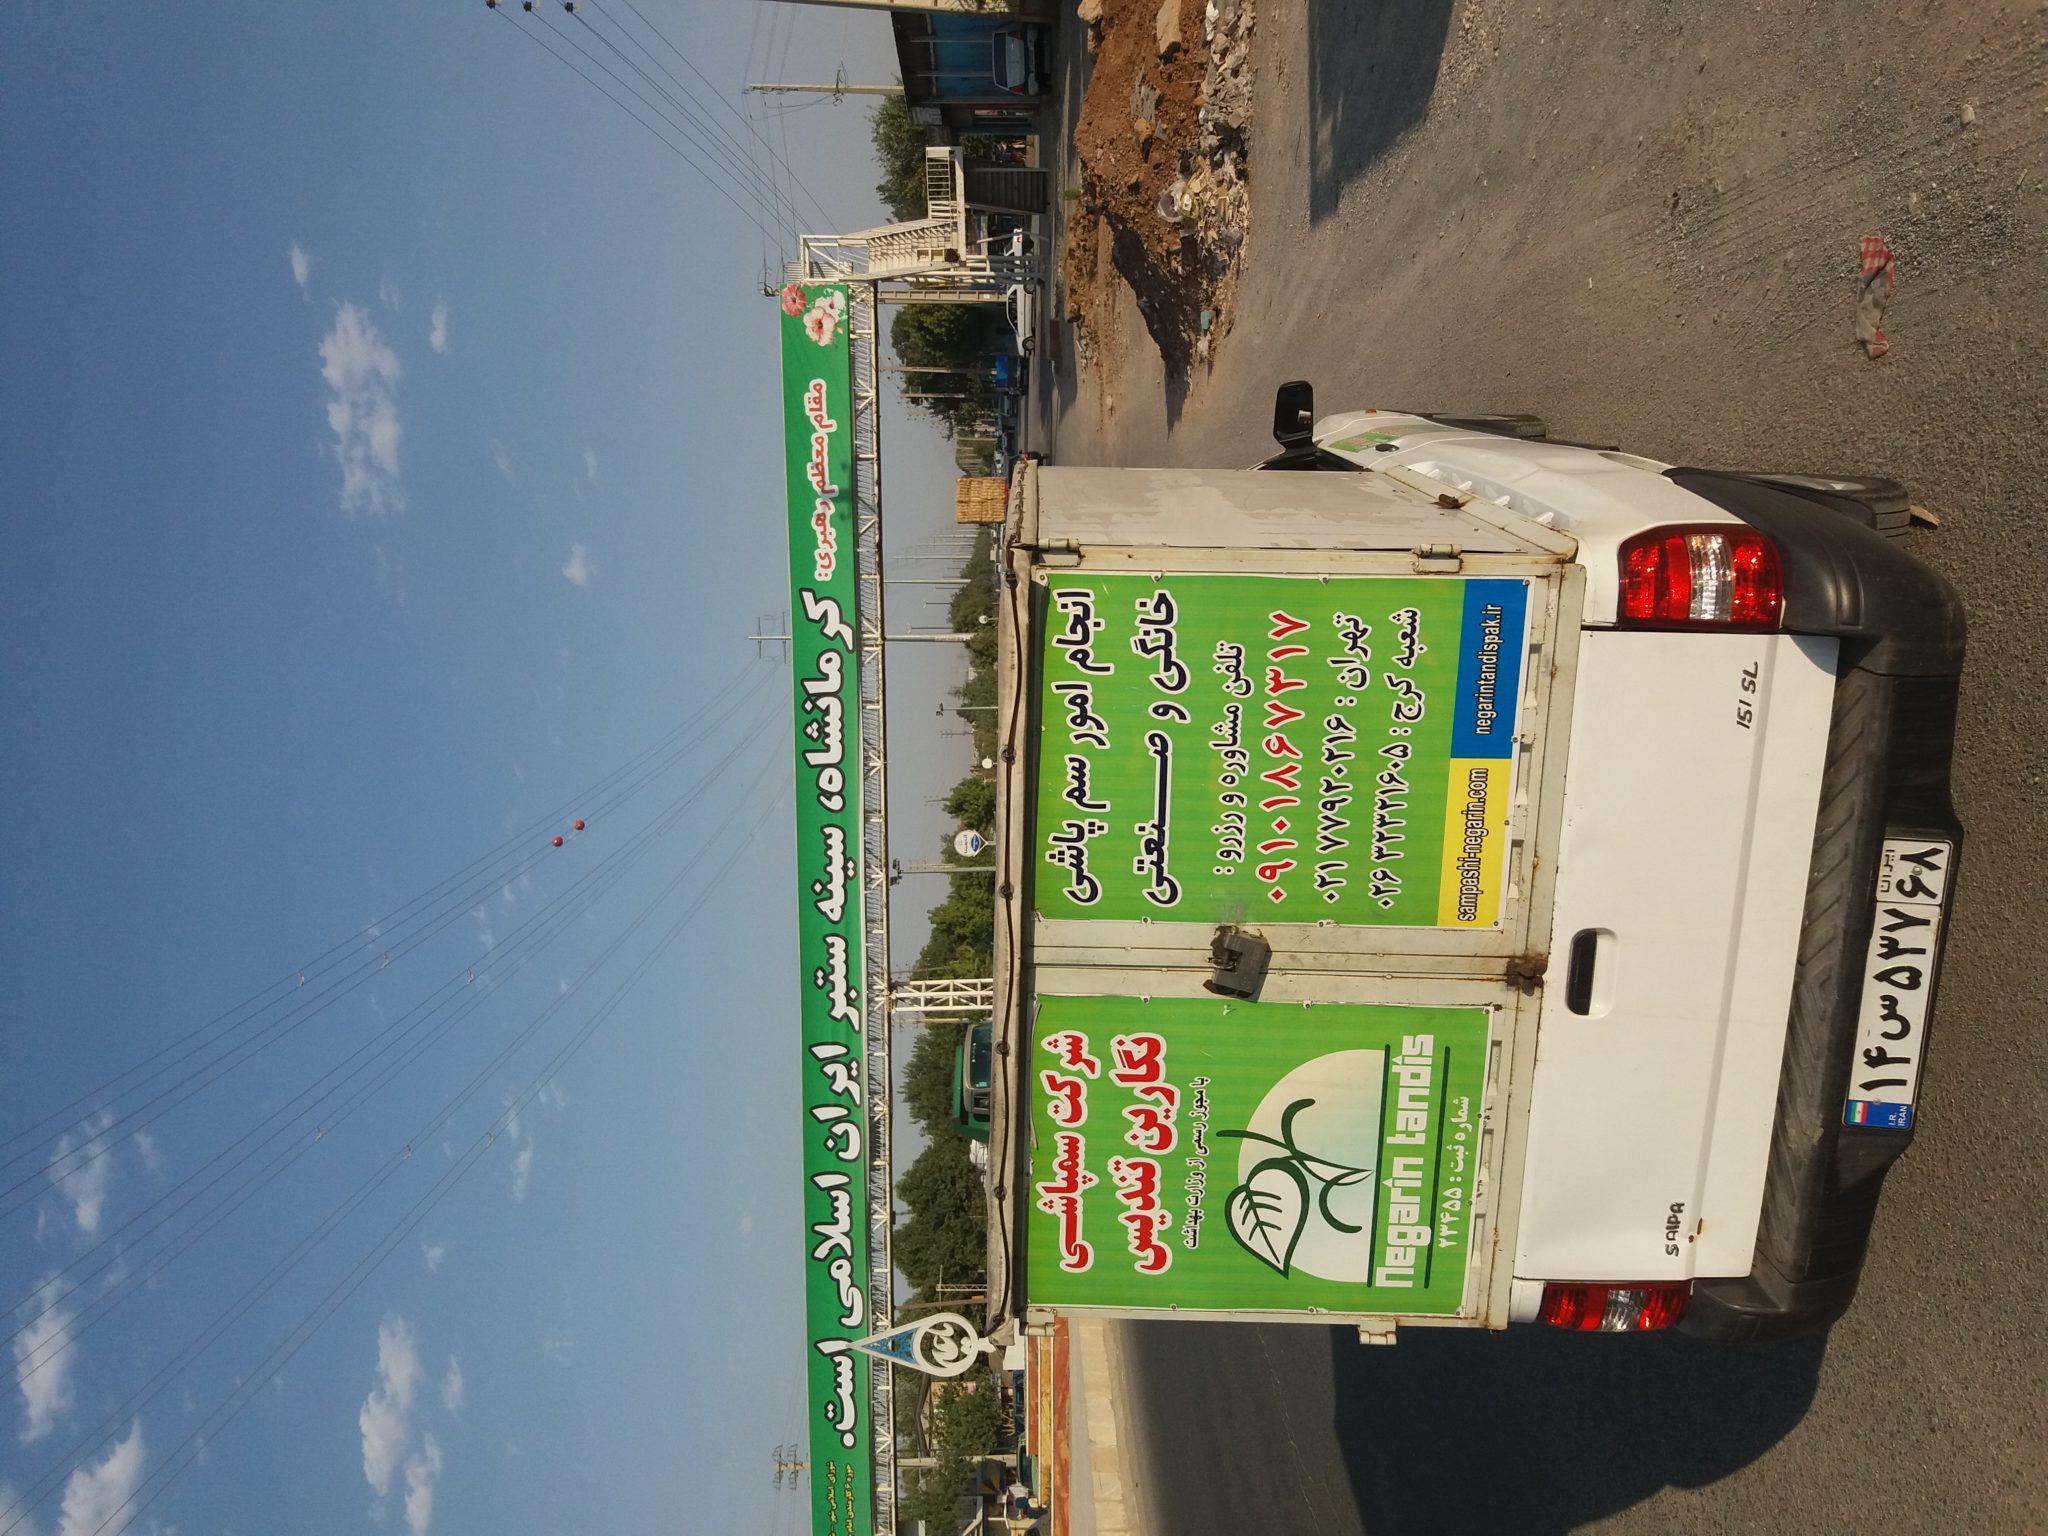 شرکت سمپاشی نگارین-شمال تهران،سمپاش در شمال تهران